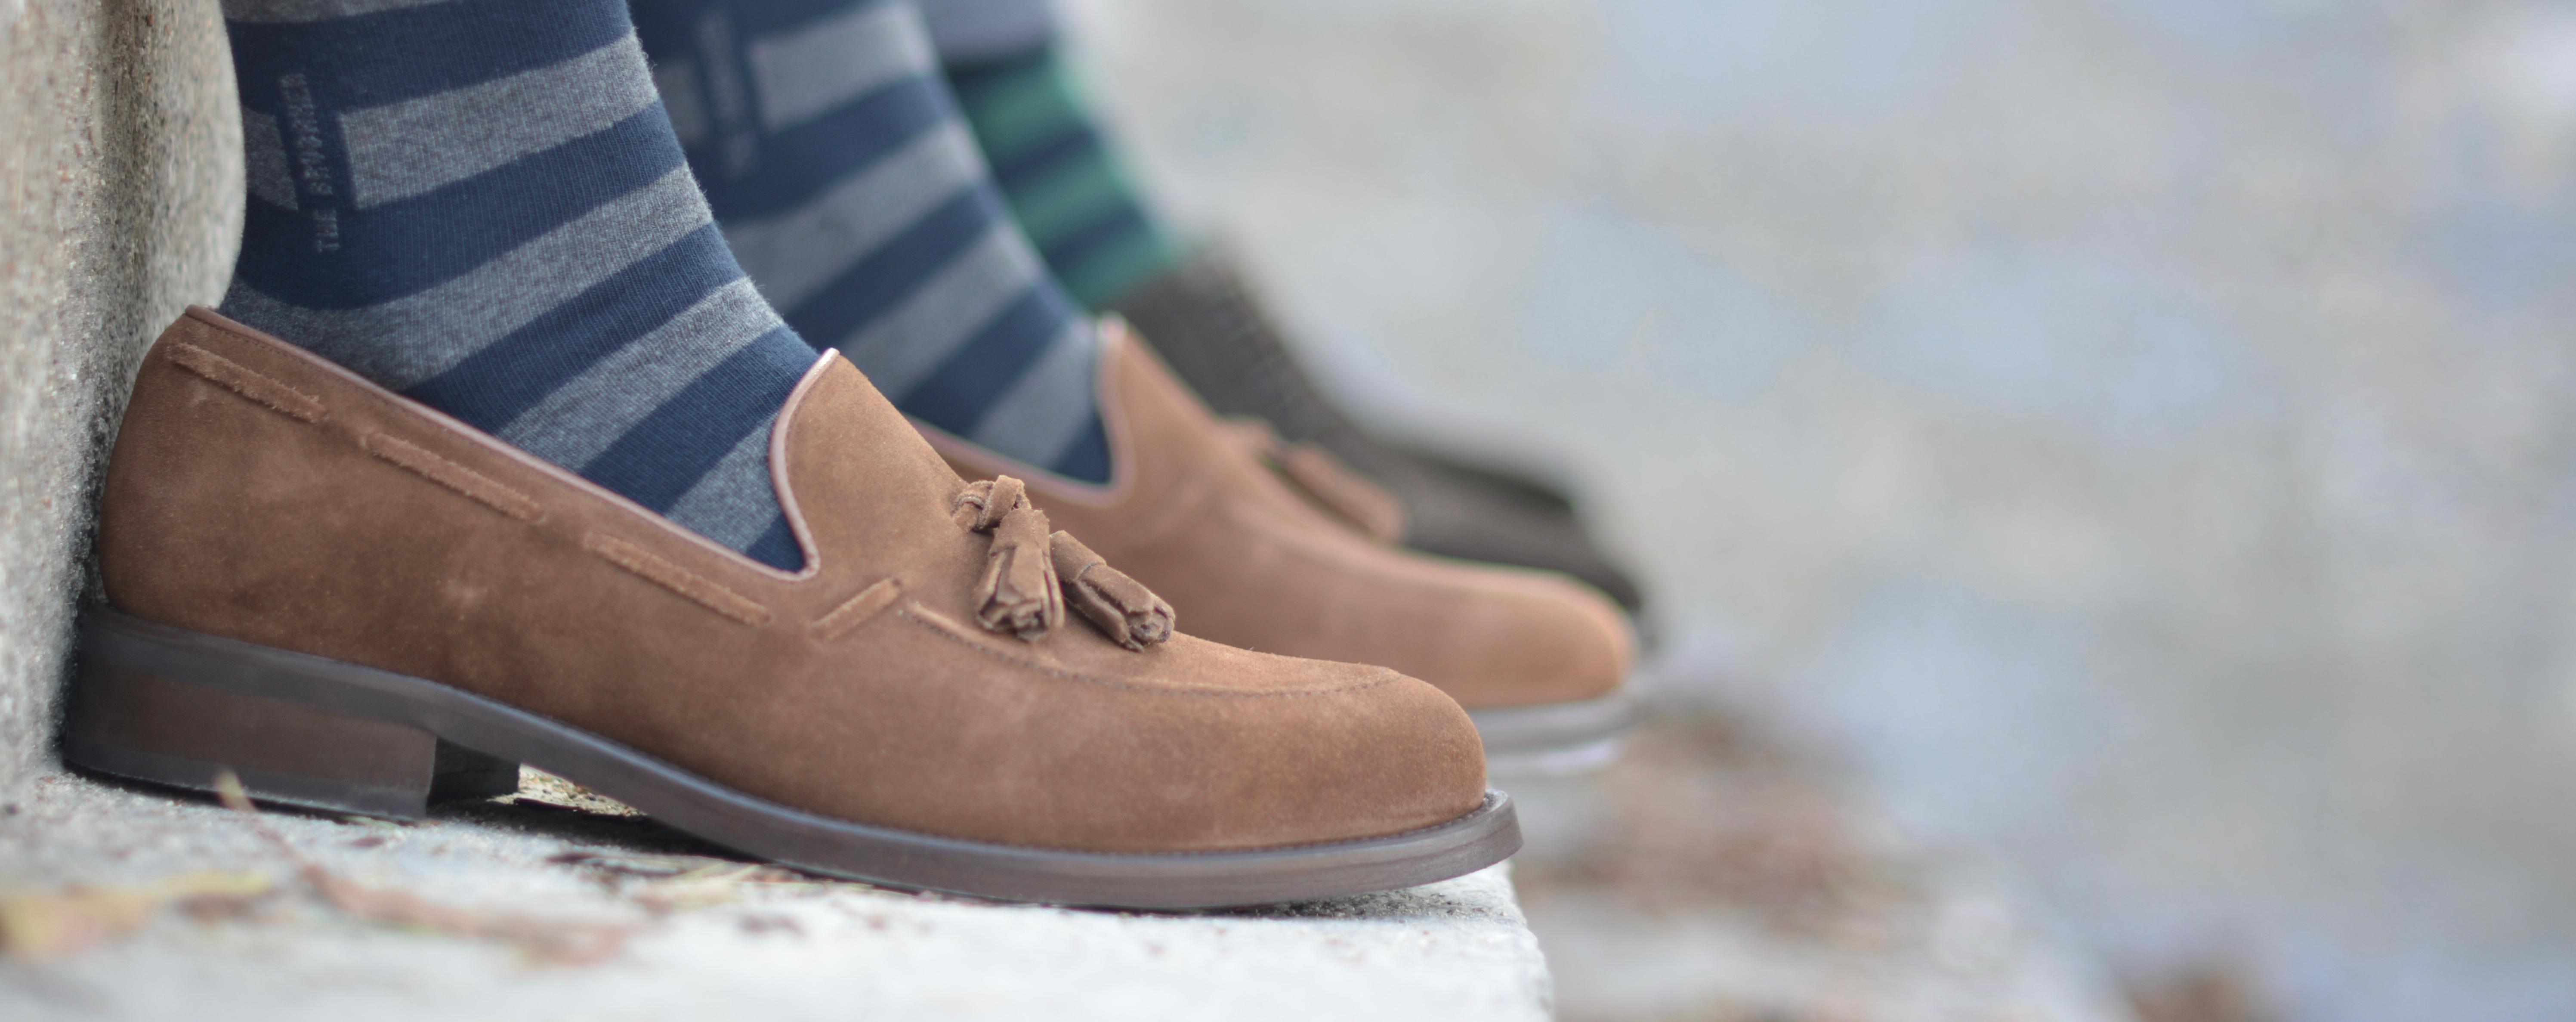 Zapatos Borlas